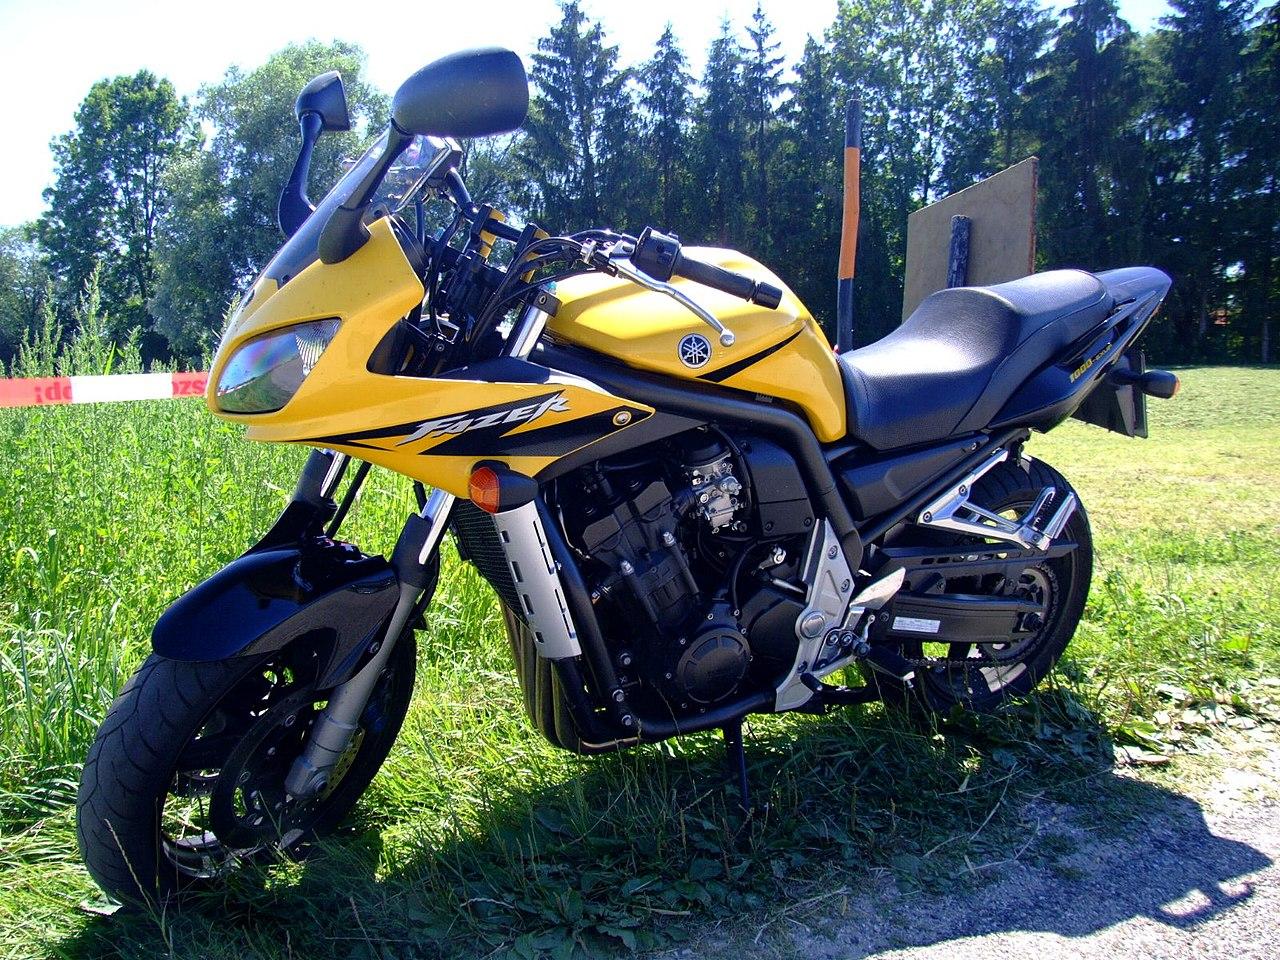 Yamaha Fzs Review